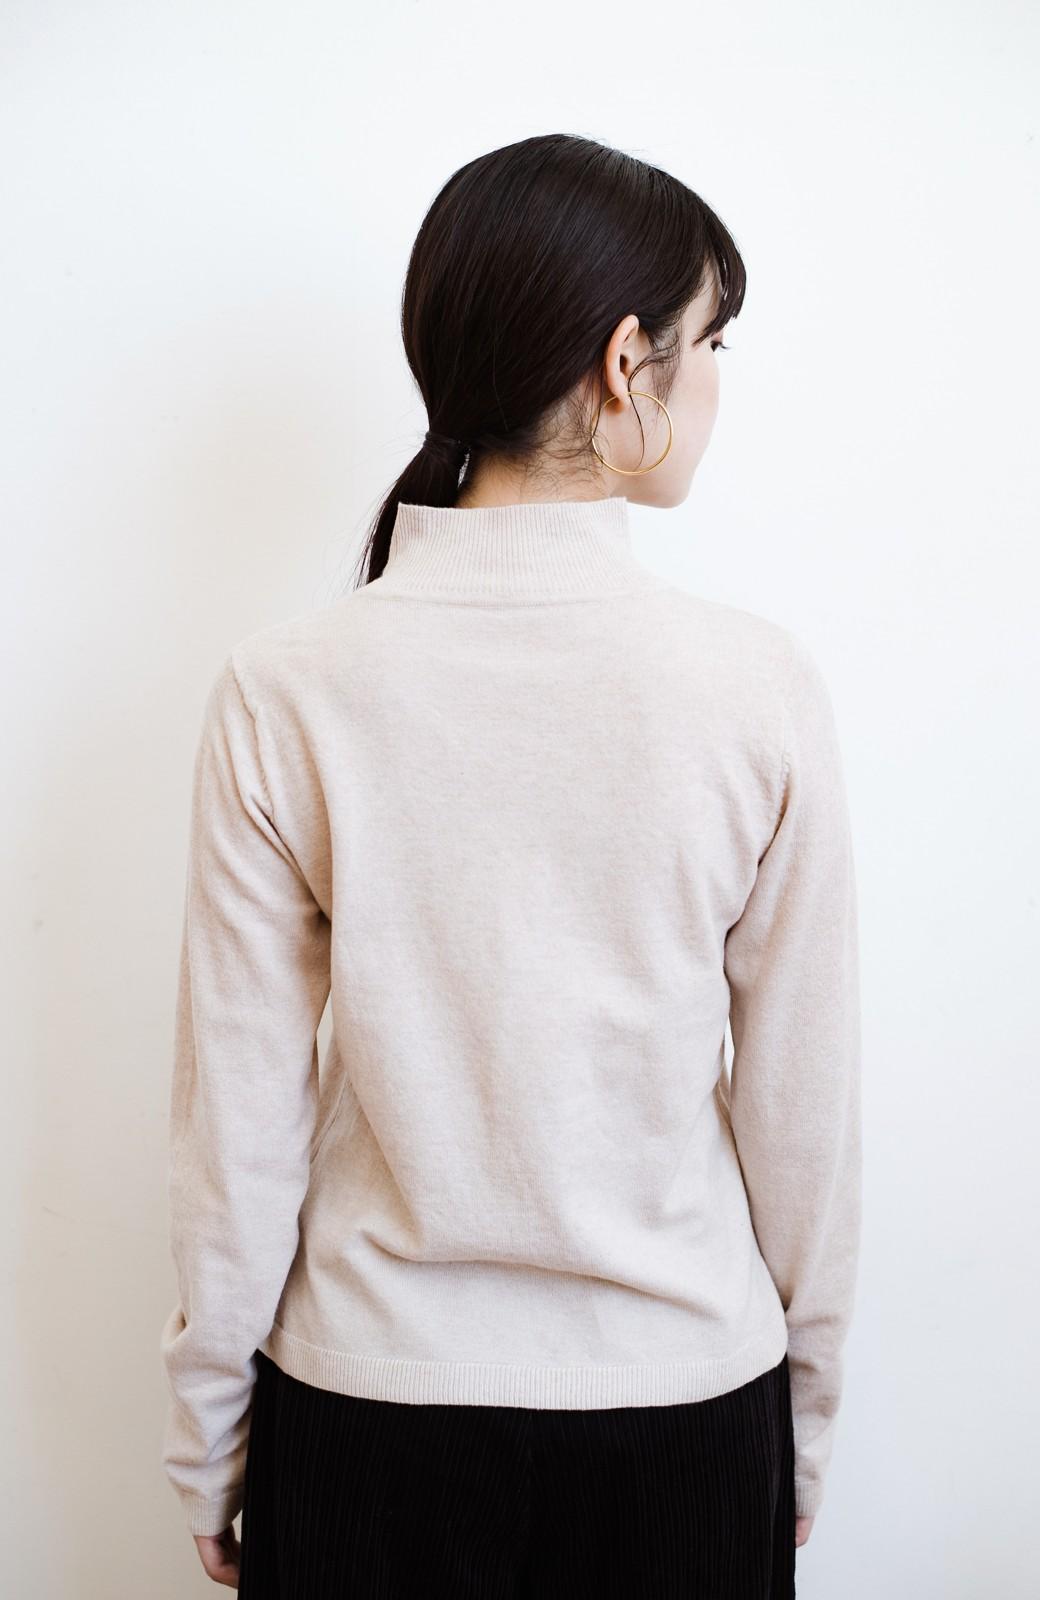 haco! 【高橋愛さんコラボ】本当に使えるニットを吟味! 重ね着に便利な刺繍入りハイネック&クルーネックニットトップス2枚セット by LOVE&PEACE PROJECT <ベージュ・ブラック>の商品写真22